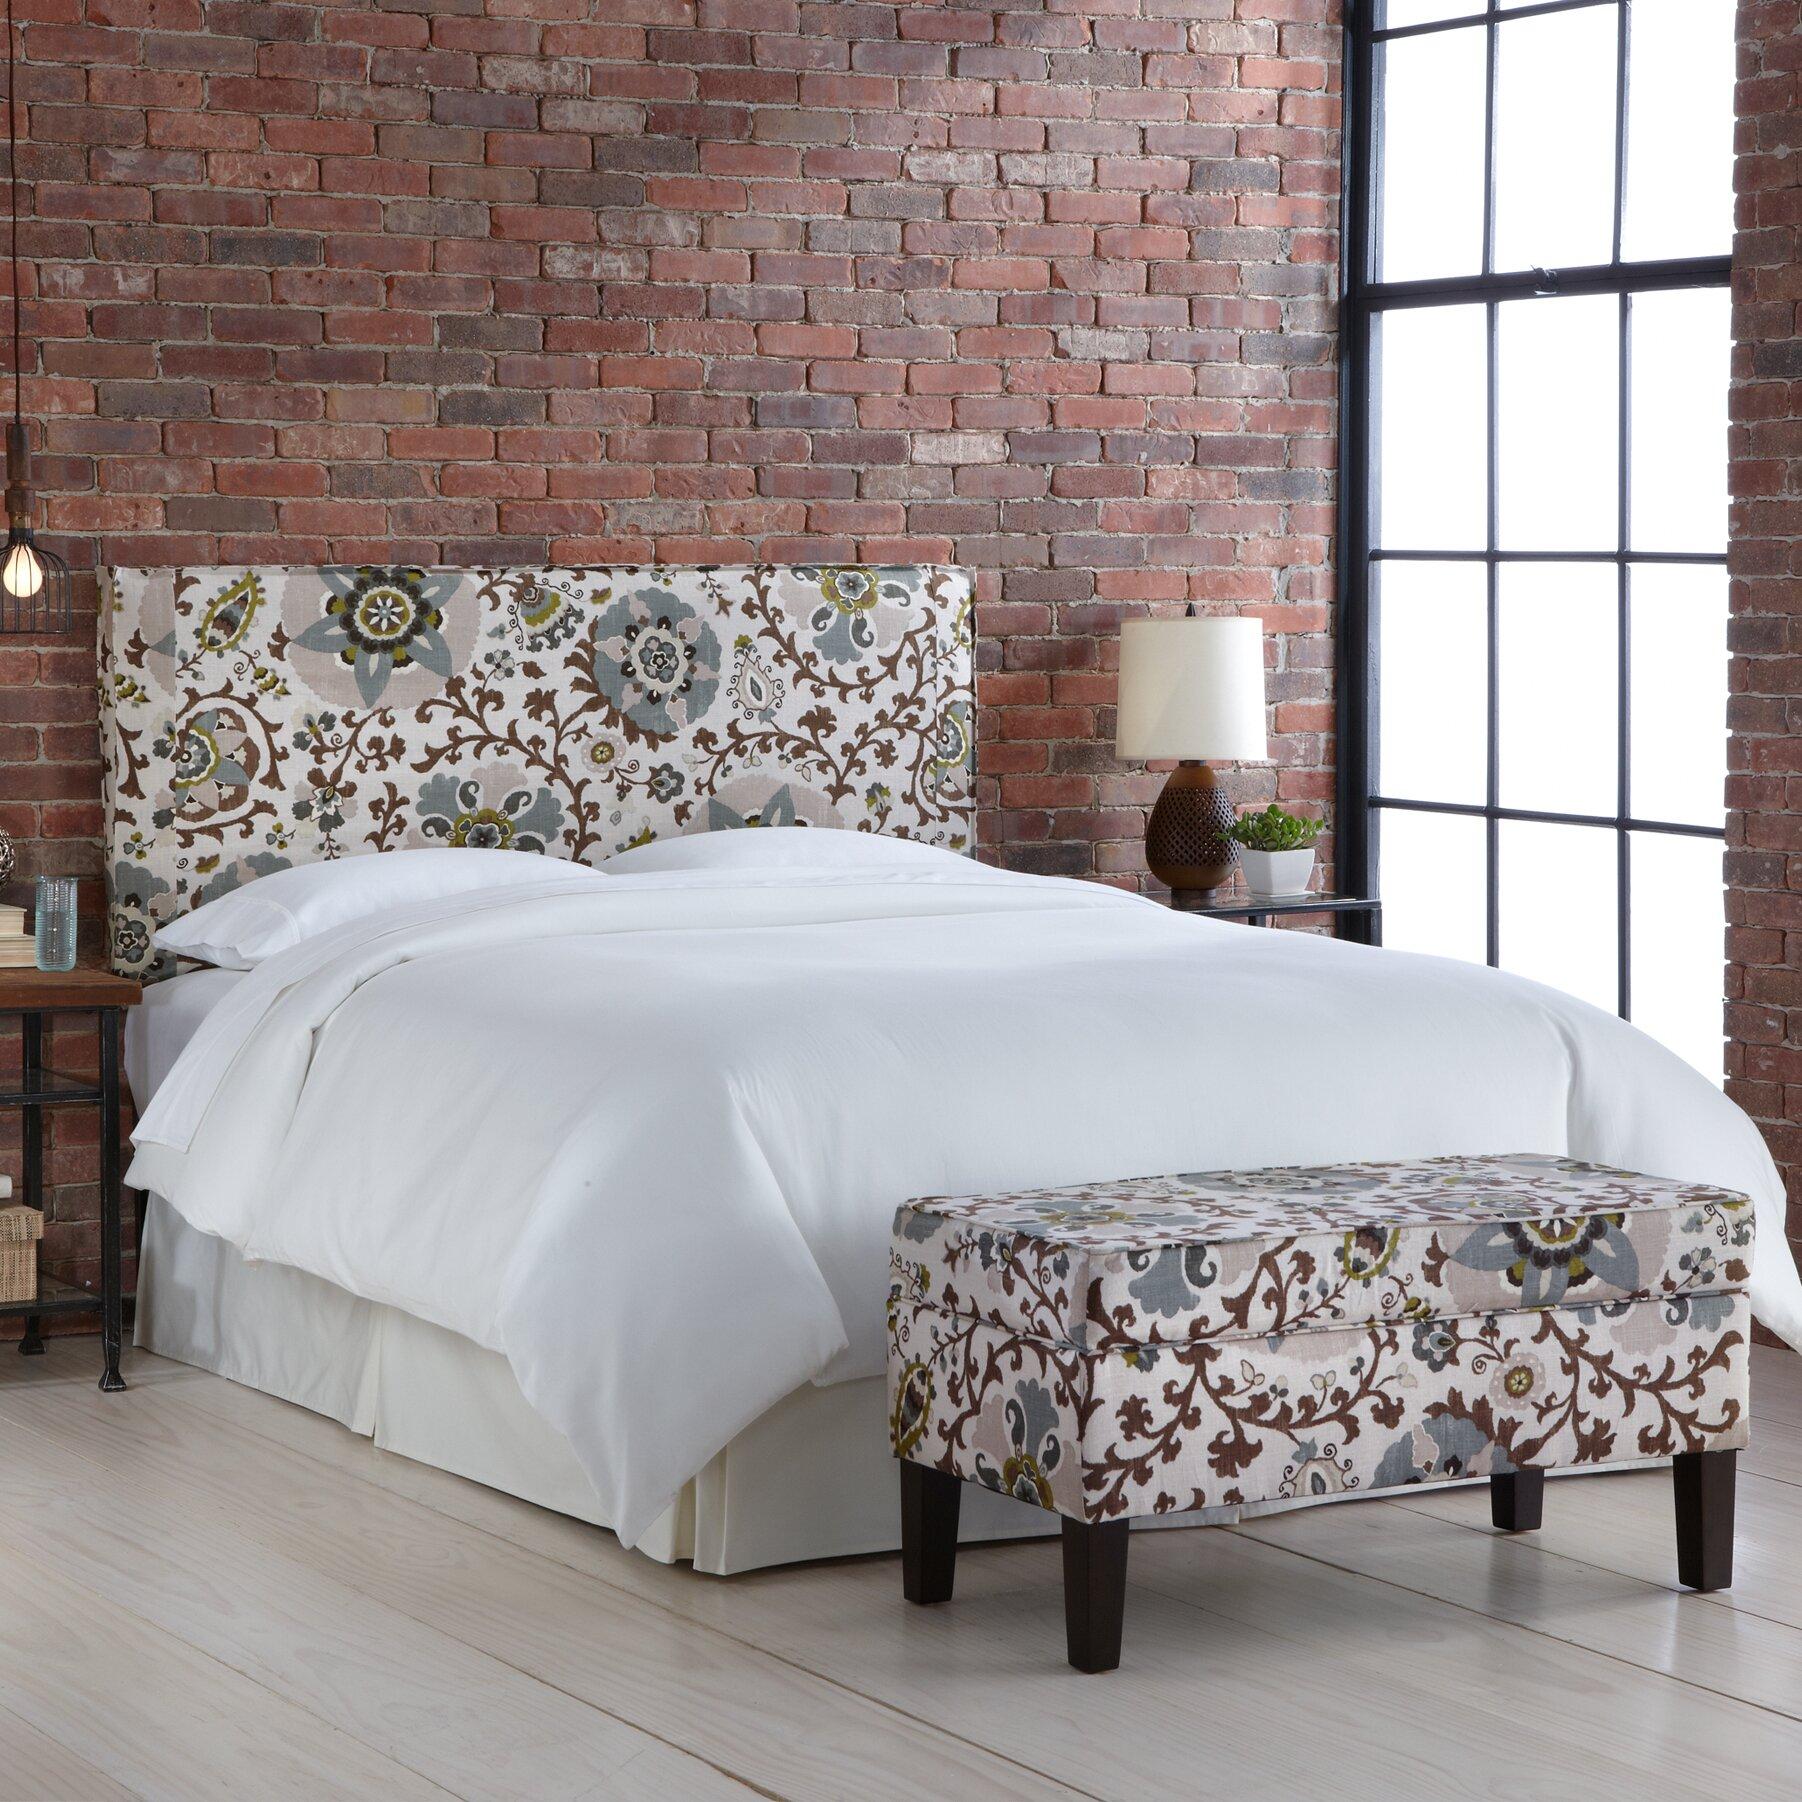 Alcott hill thurston upholstered storage bedroom bench - Bedroom storage bench upholstered ...